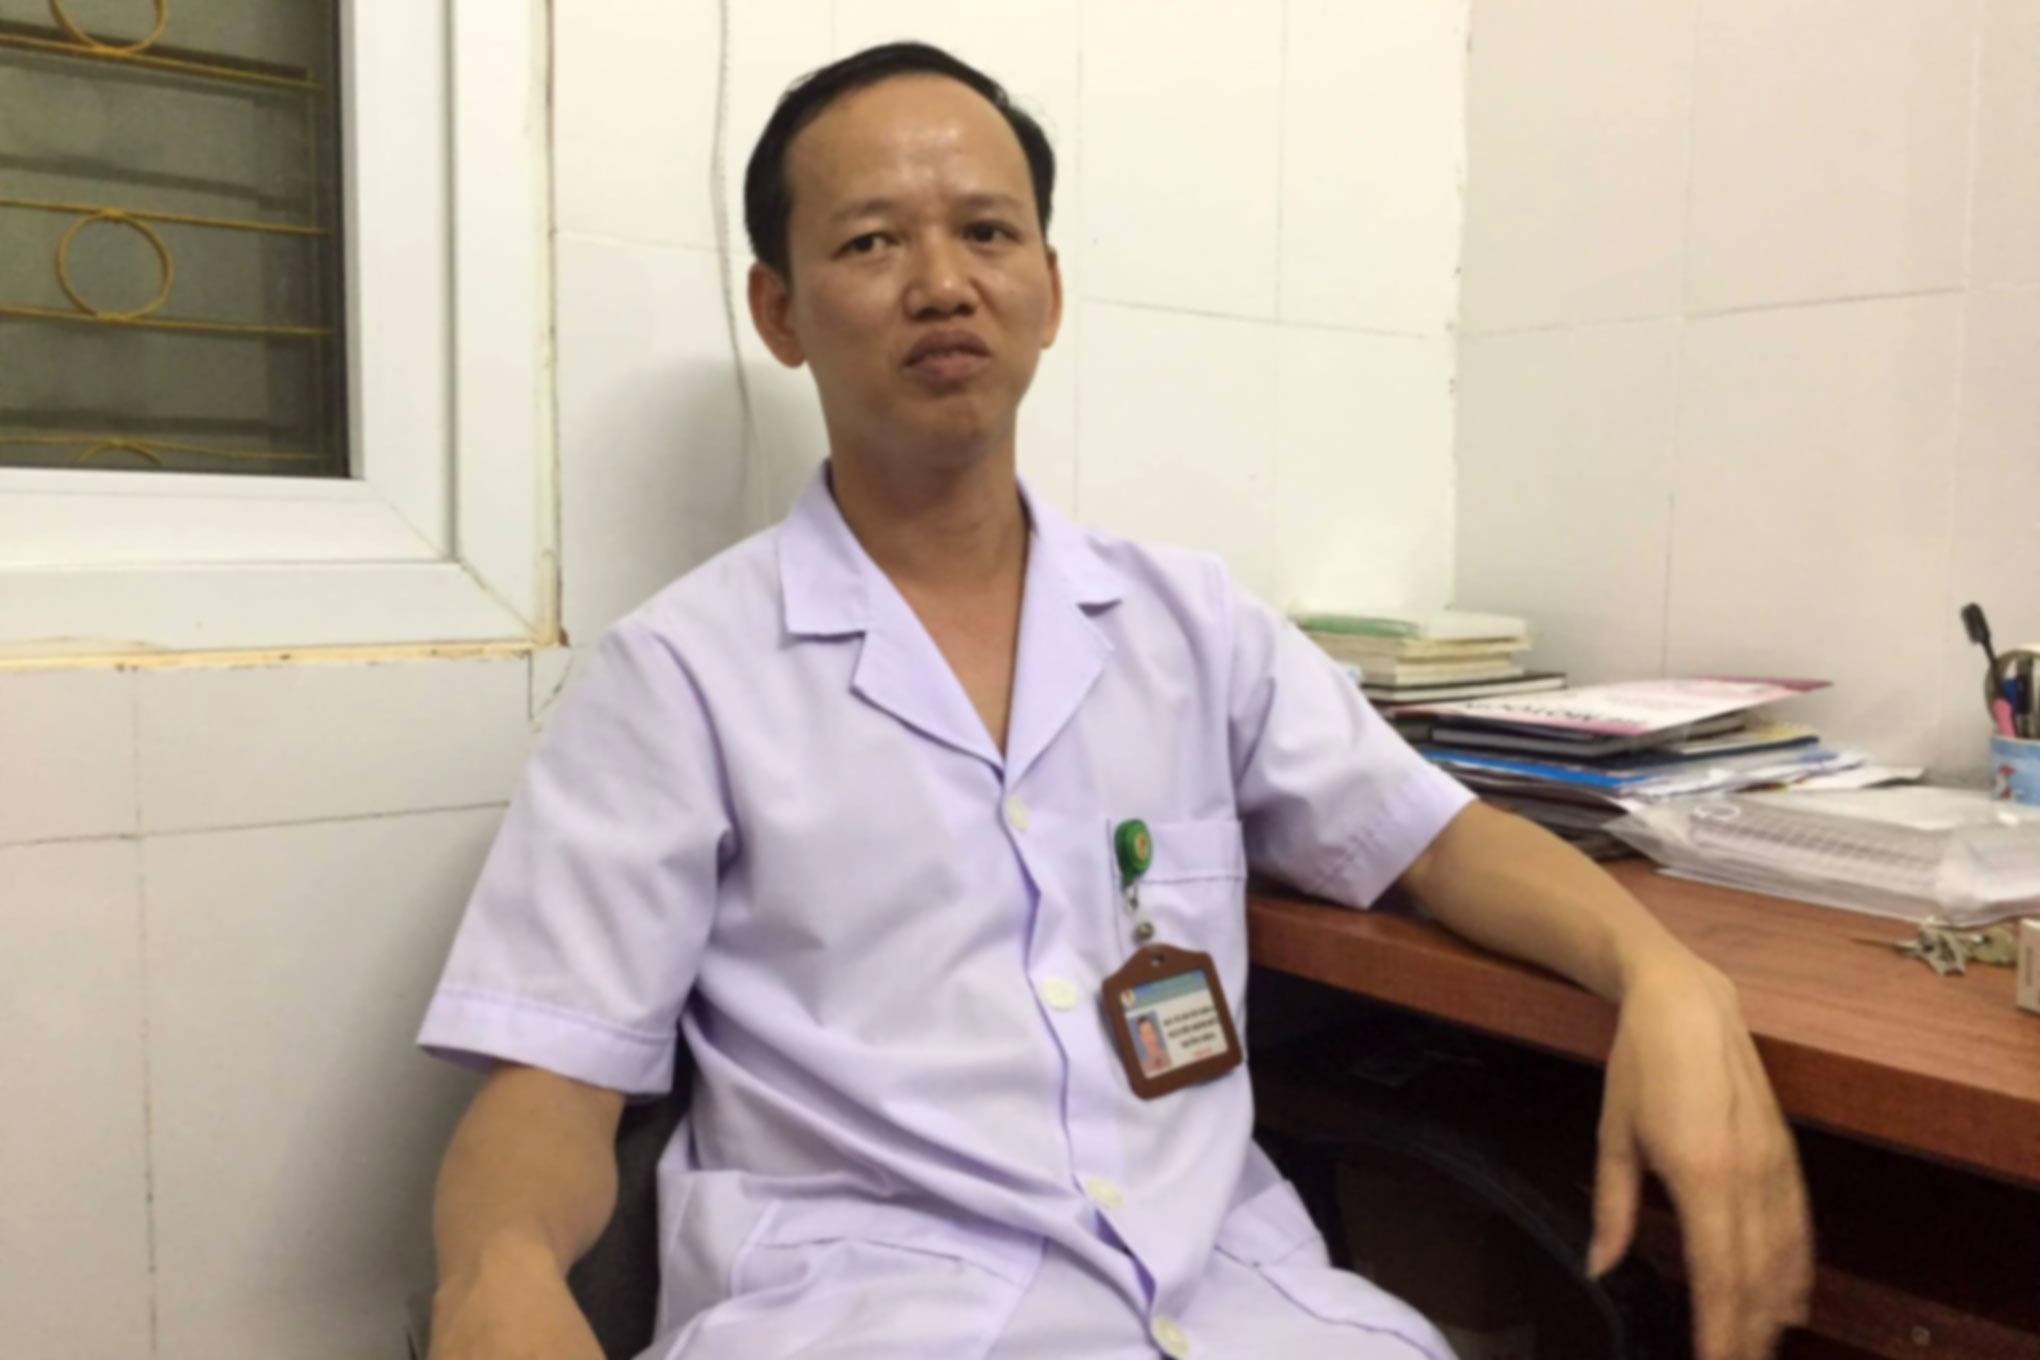 Vụ trẻ sơ sinh tử vong có vết đứt trên cổ tại Hà Tĩnh: Bất ngờ với chuyên môn của bác sĩ trực chính - Ảnh 2